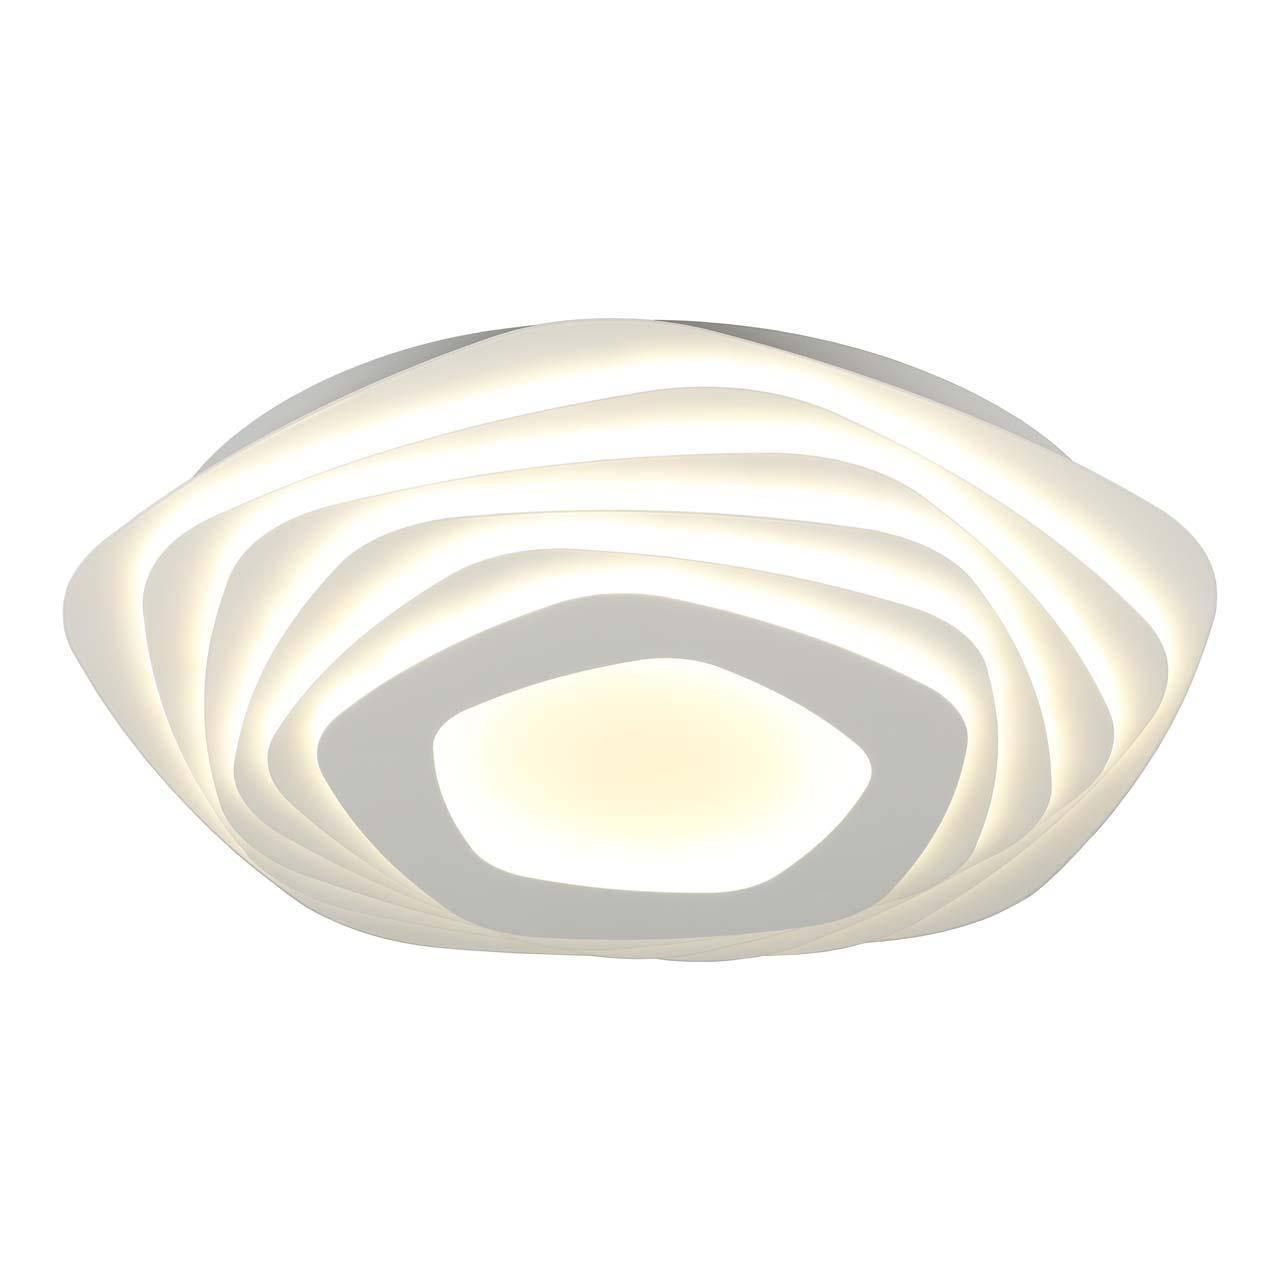 Потолочная светодиодная люстра Omnilux Avola OML-07707-234